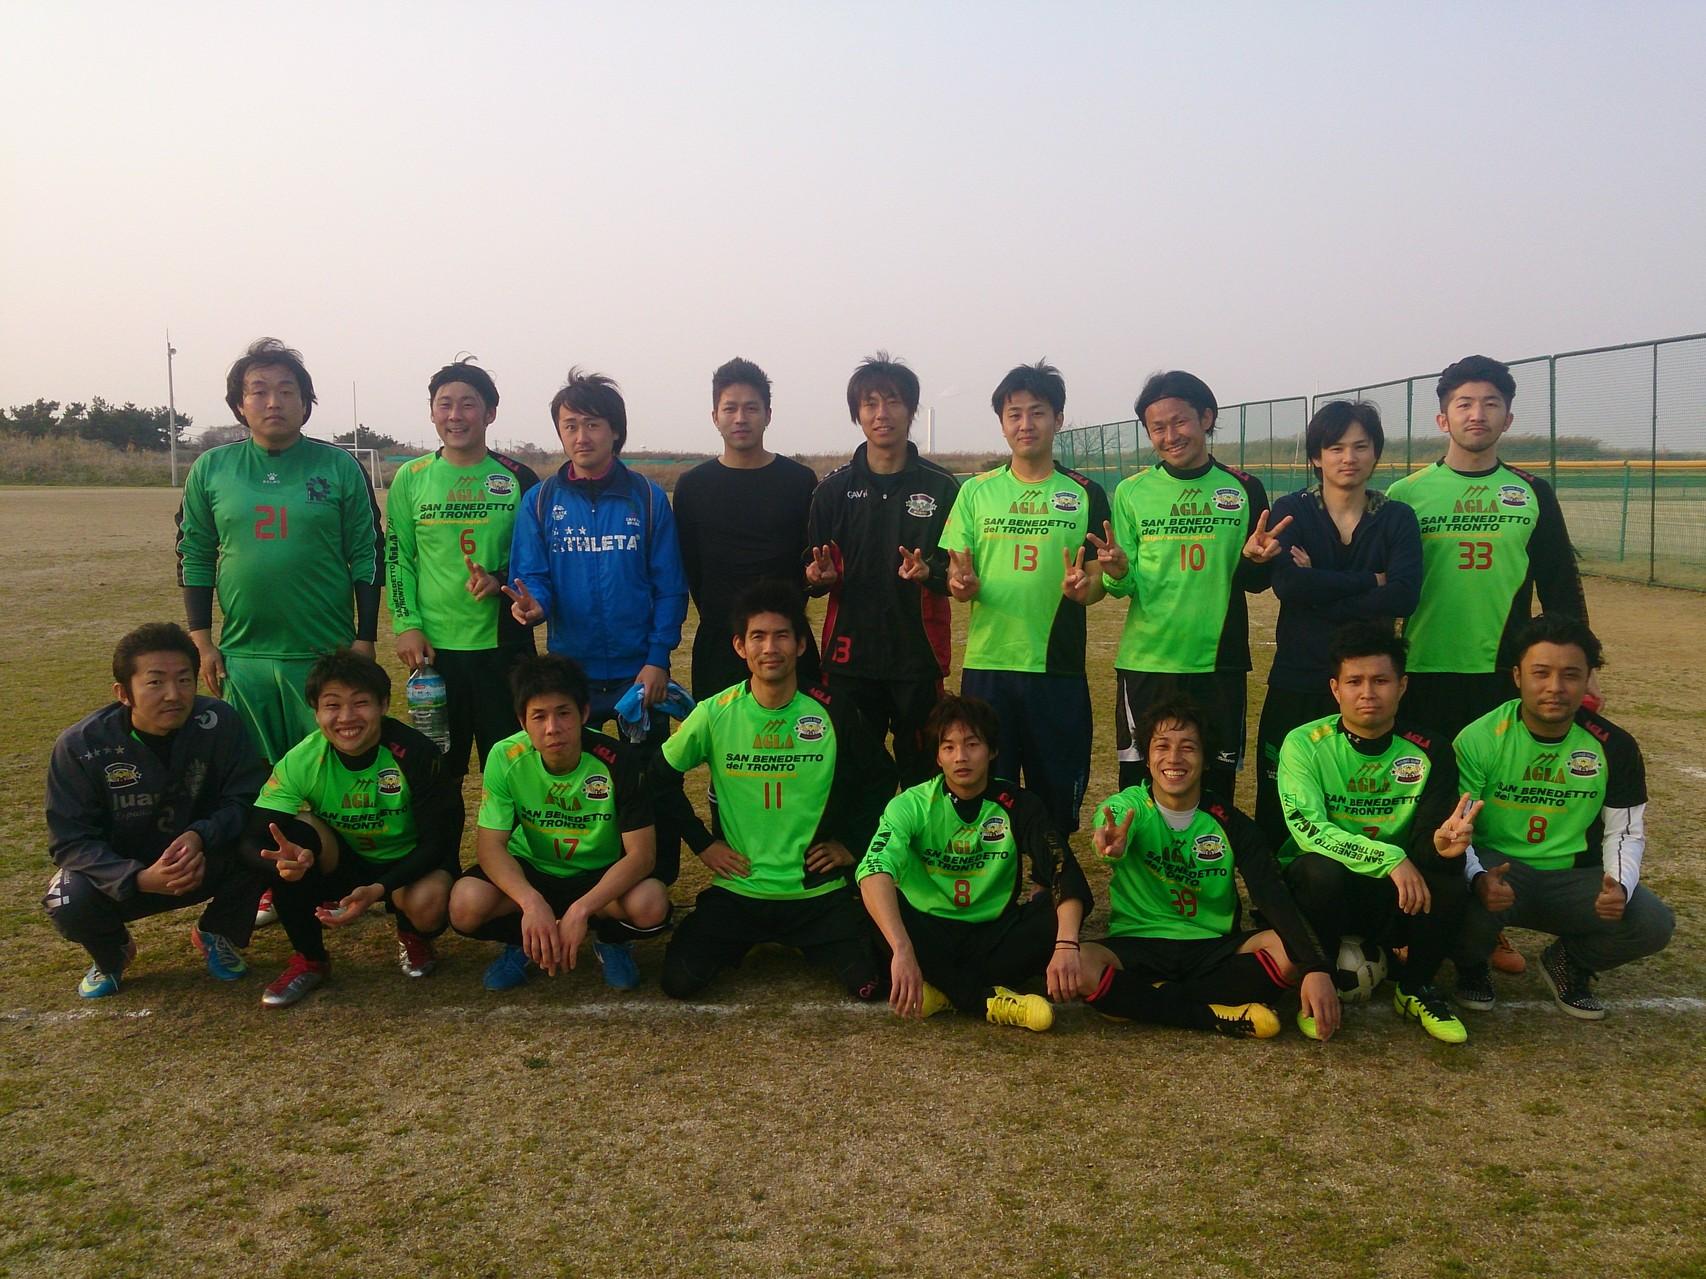 2014/3/23 みなと堺グリーン広場 vs 南無FC  vs 貝塚FC